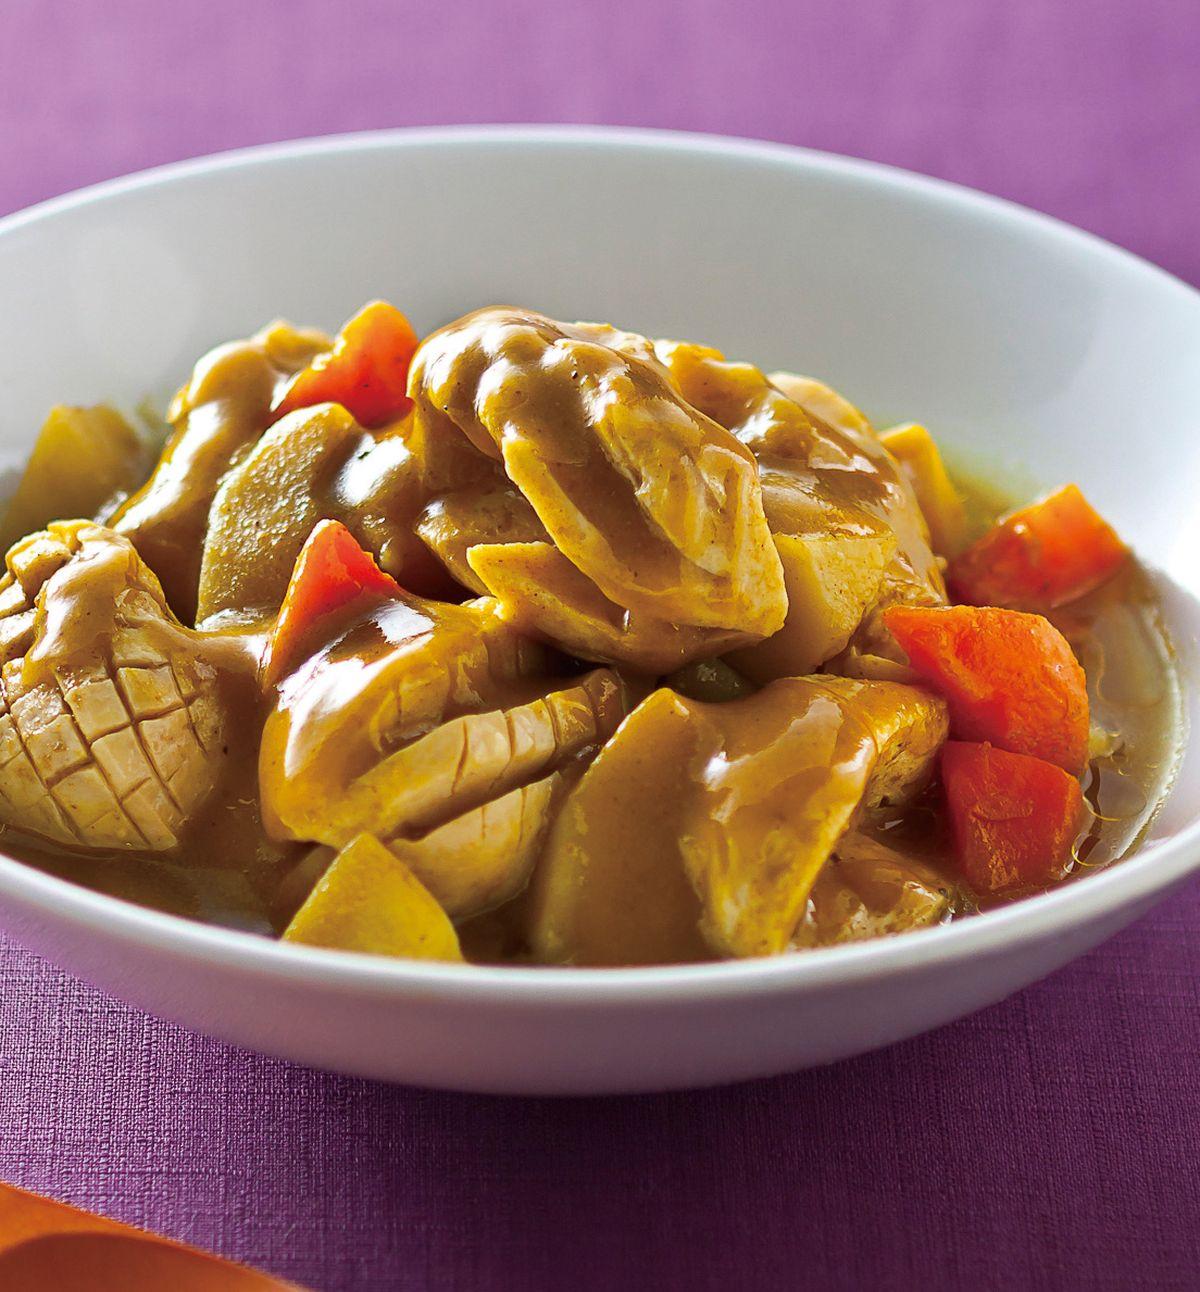 食譜:黃咖哩馬鈴薯燒素腰花